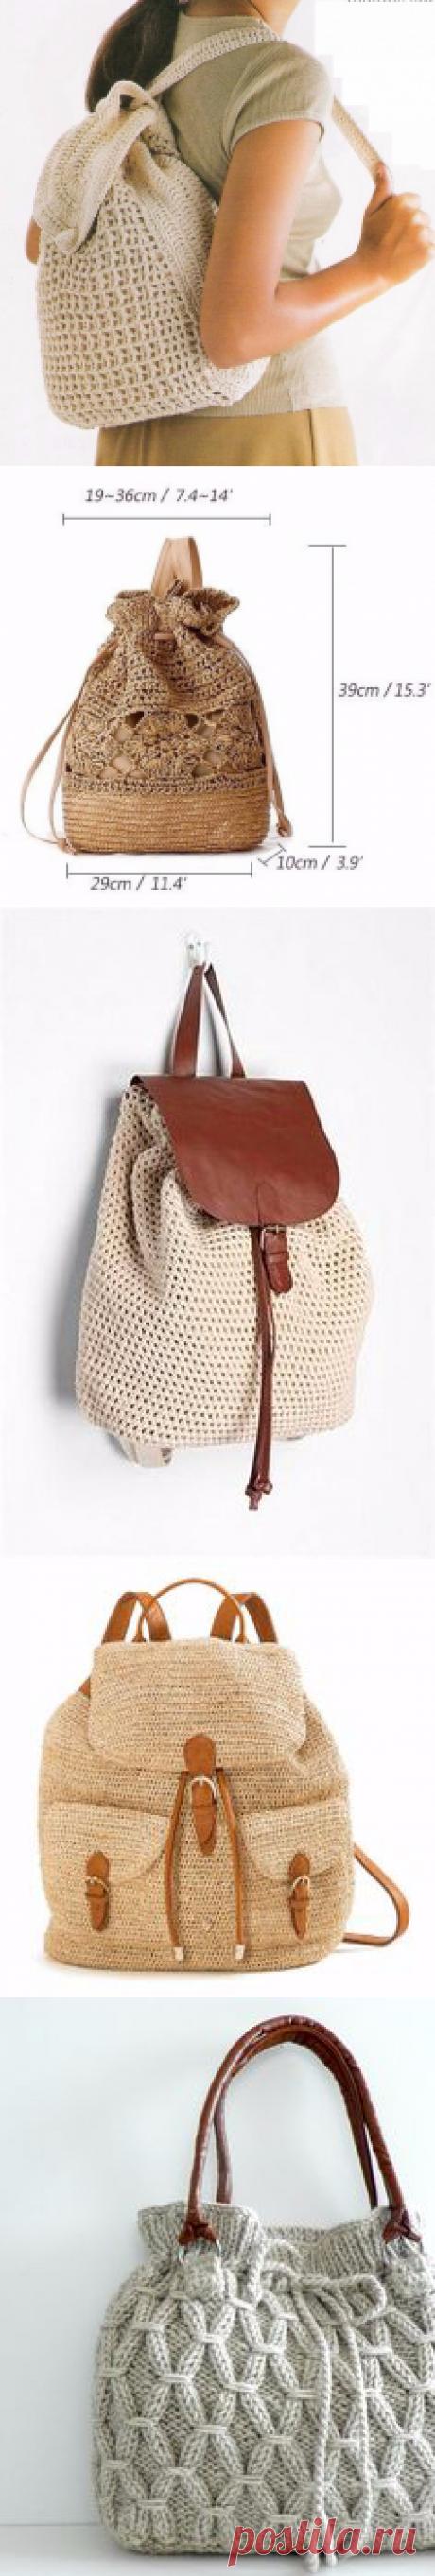 Вязаные сумки, рюкзаки.схемы.